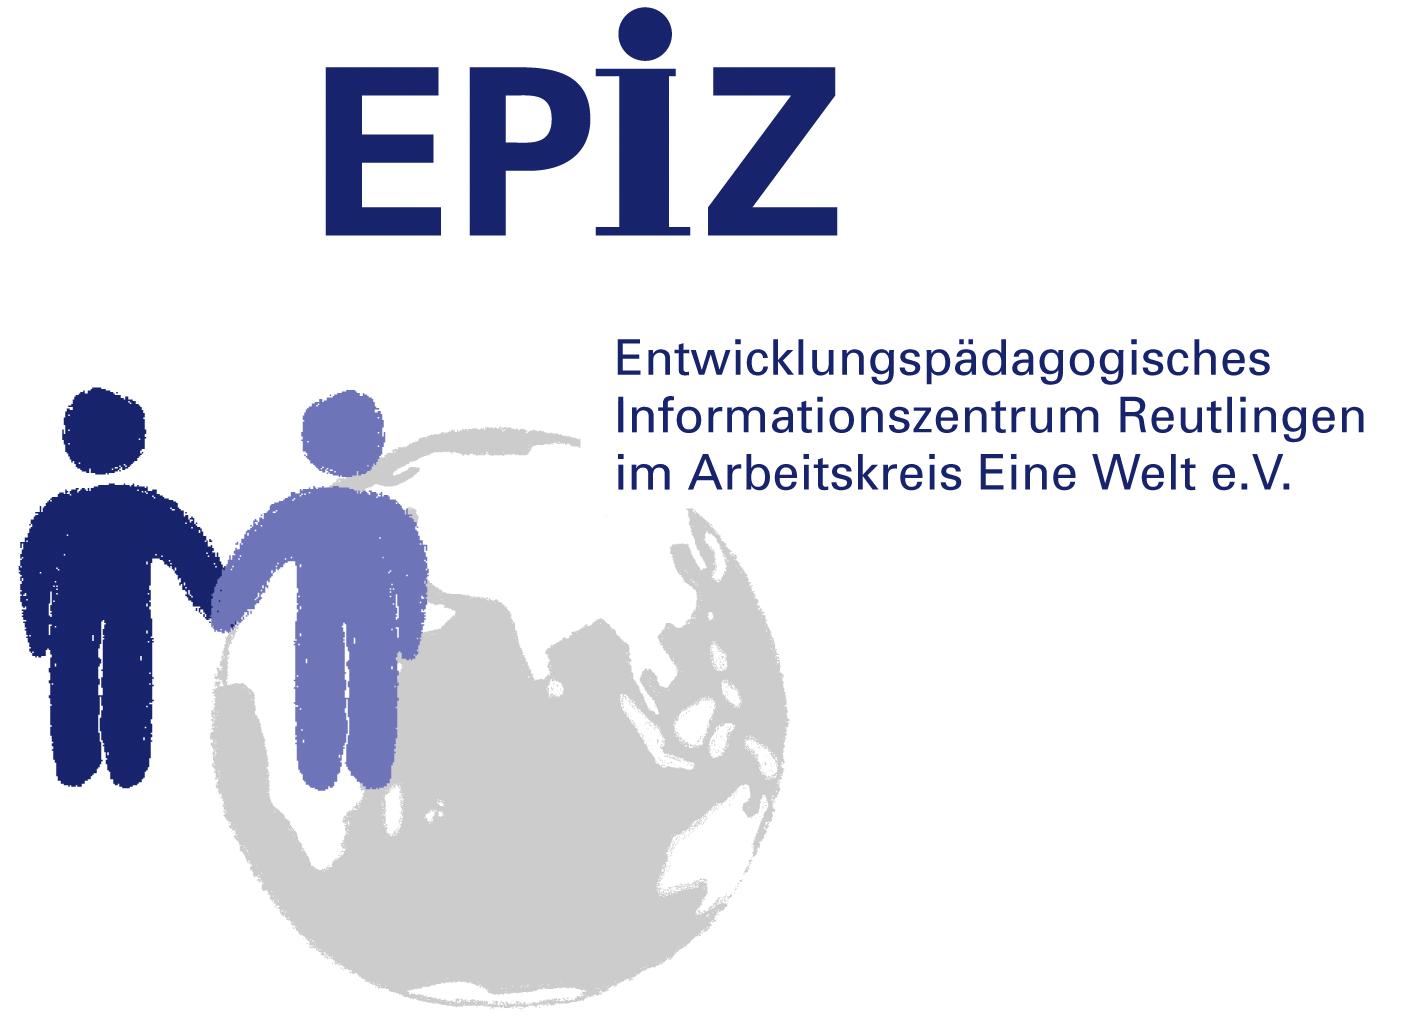 Logo Entwicklungspädagogische Informationszentrum EPiZ. Quelle: EPiZ